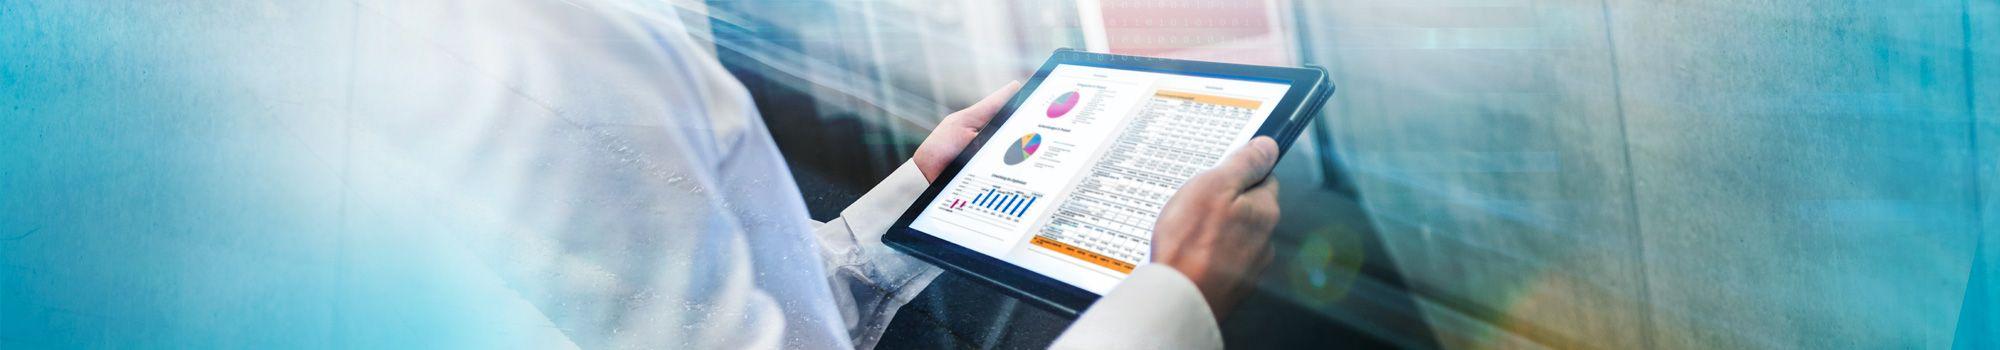 Flexible Module für effiziente Abläufe im Fachbereich Rechnungswesen / Finanzverwaltung